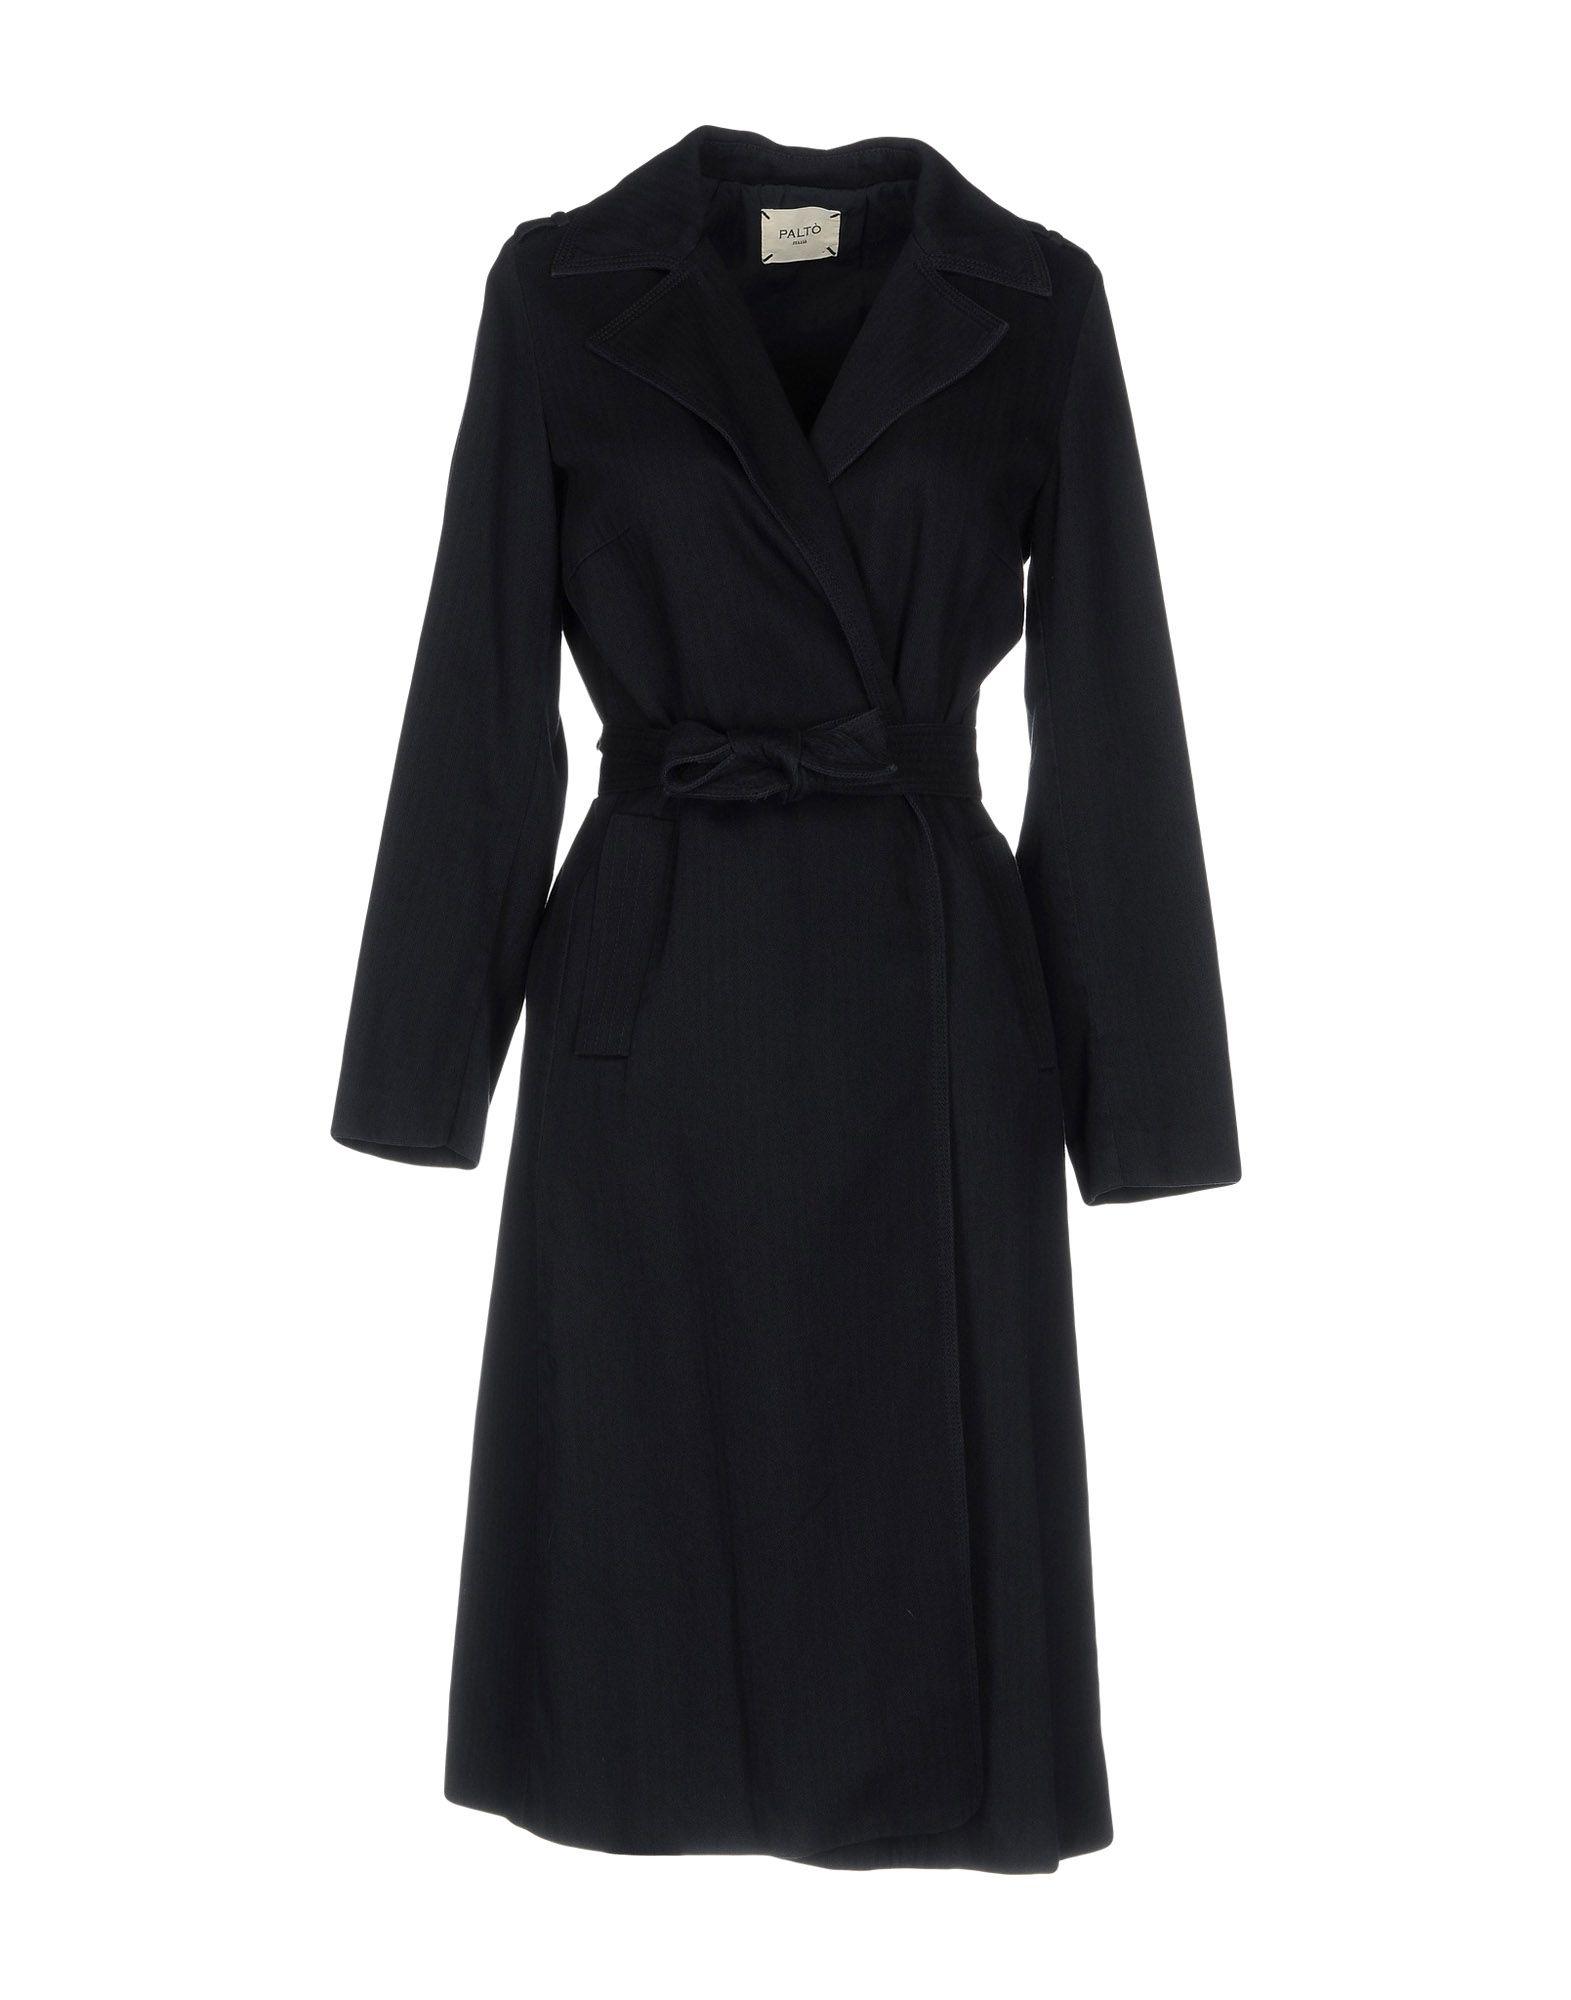 Cappotti Con Cintura Paltò Donna - Acquista online su 6T1eXq7X